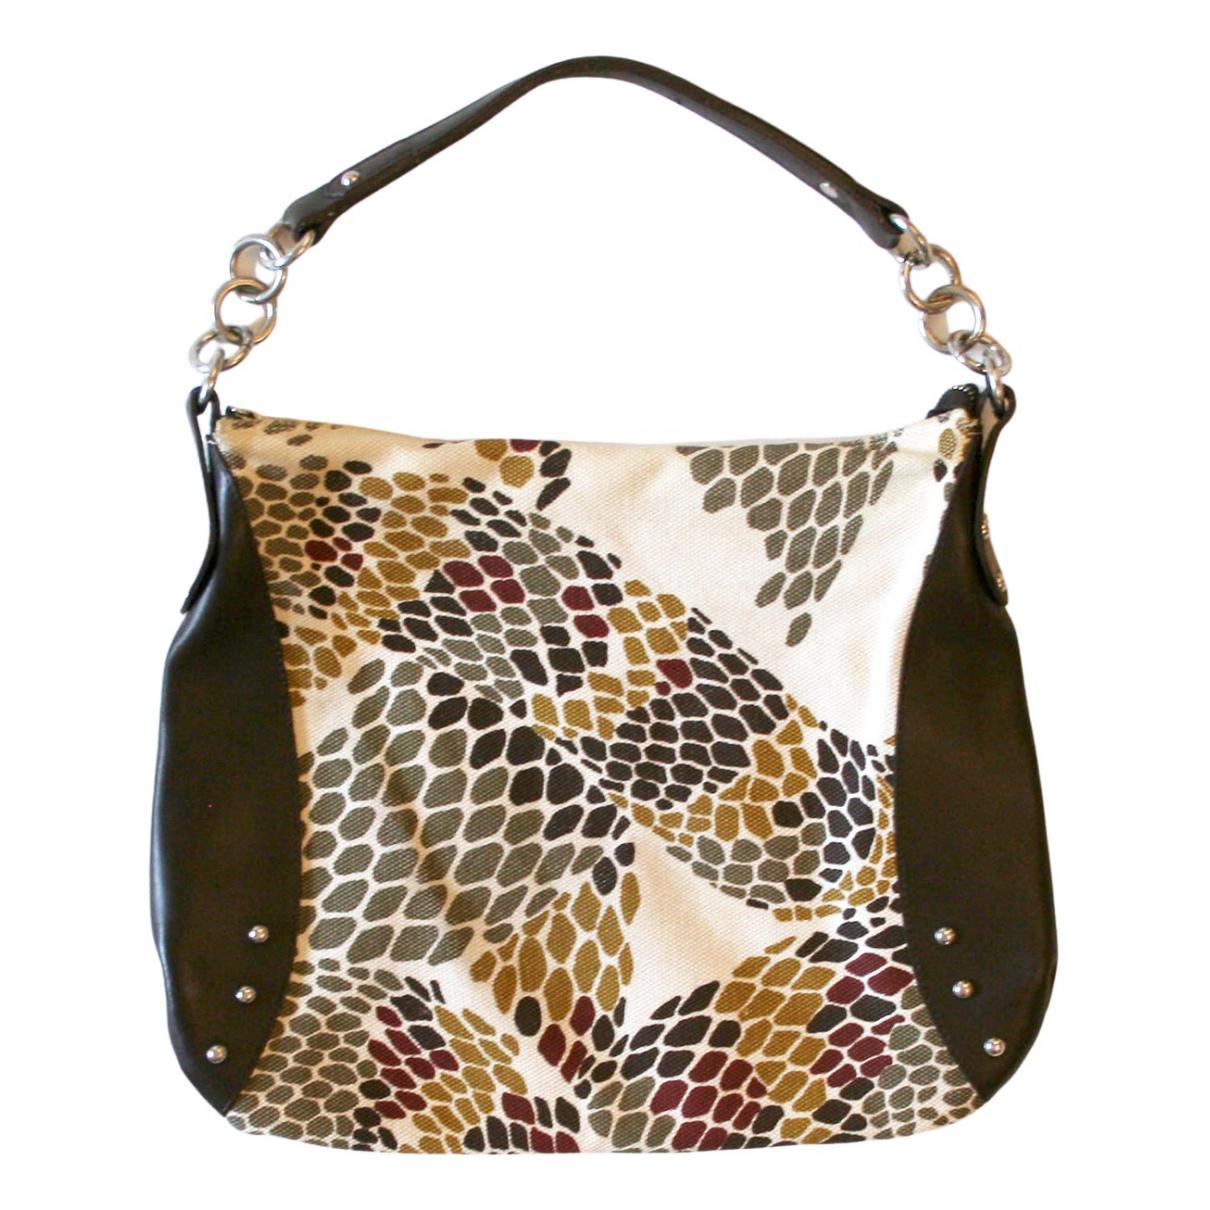 Furla \N Handtasche in  Beige Leinen